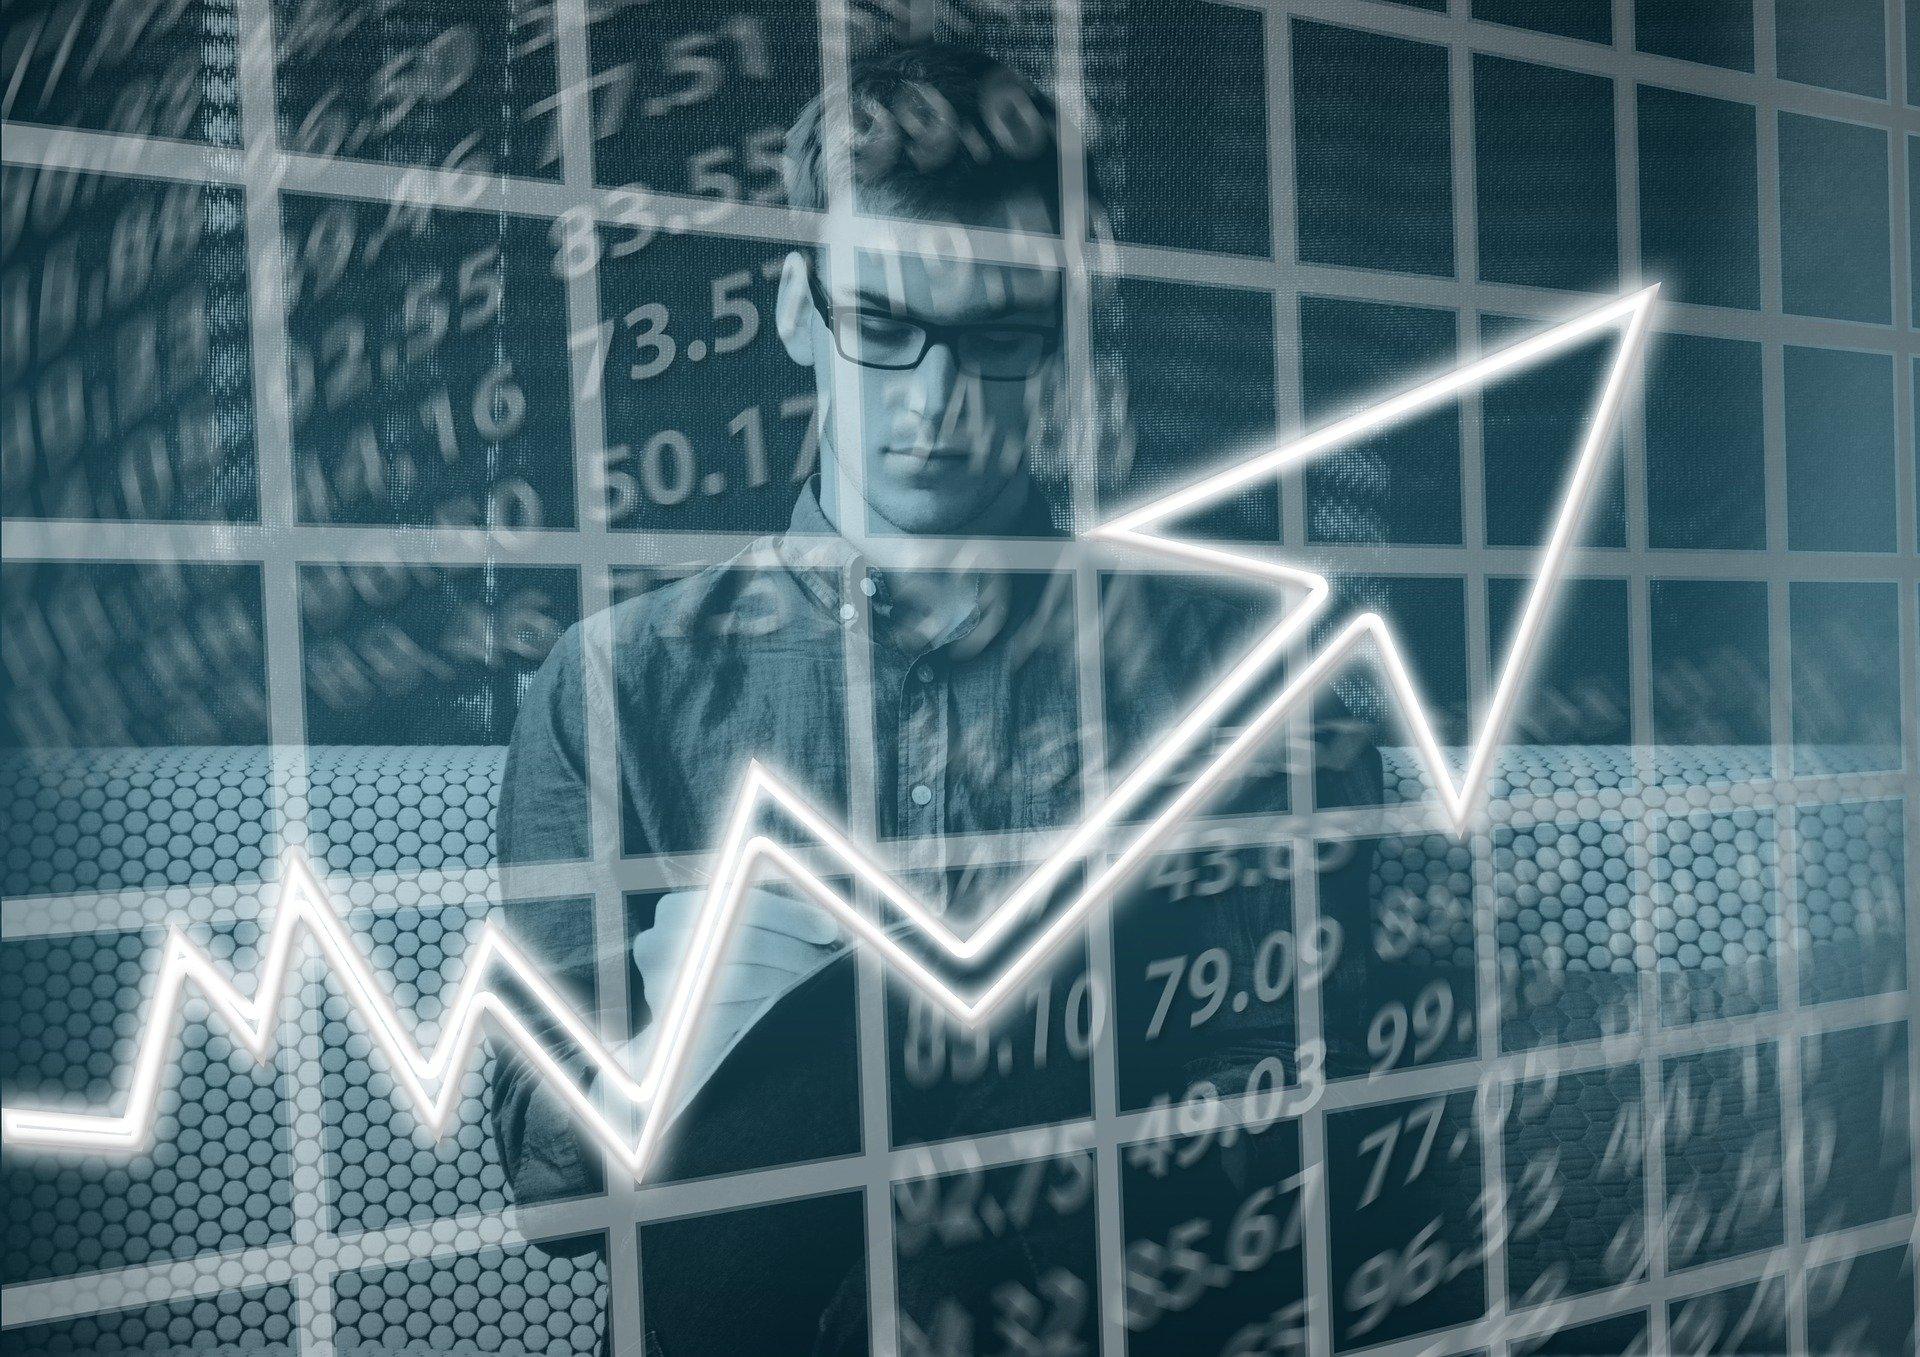 あなたの市場価値はどのくらい?